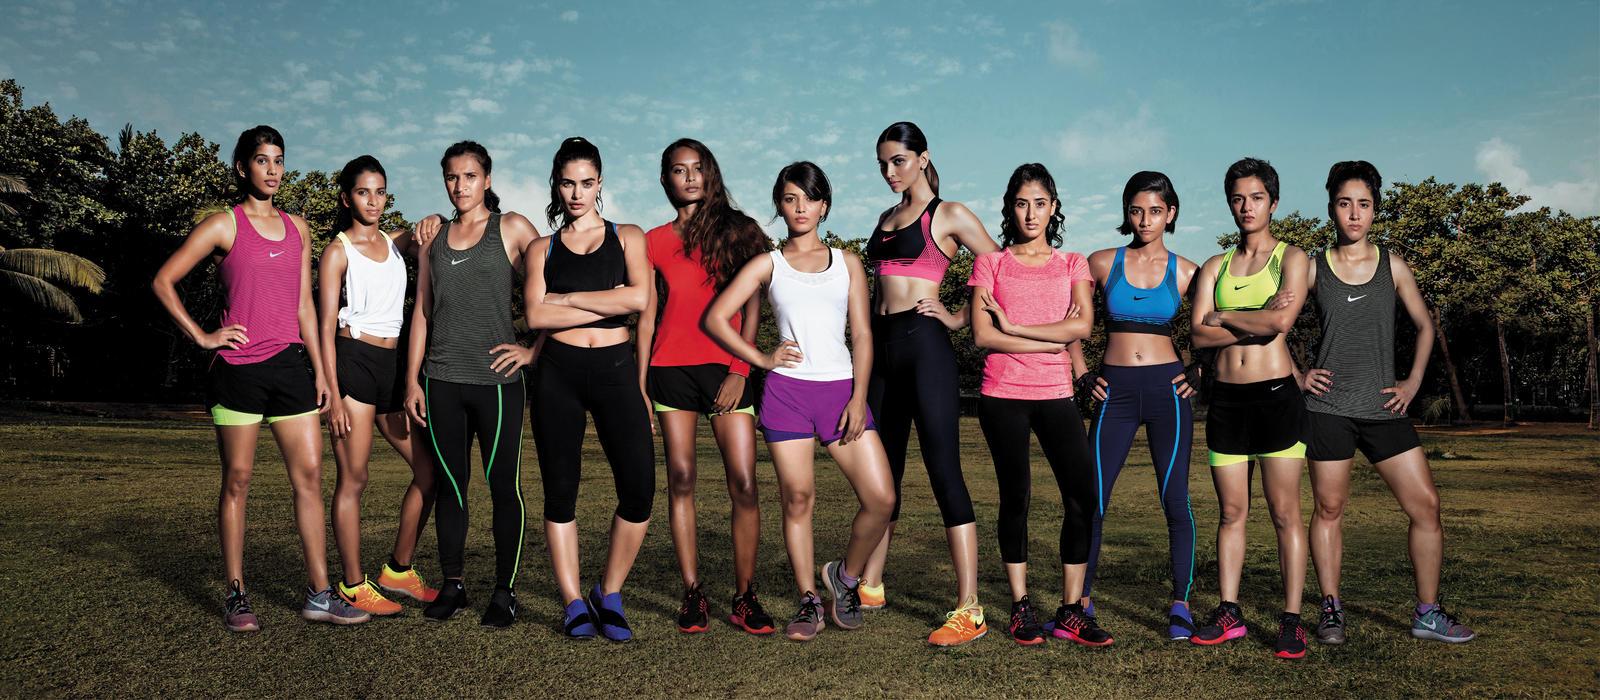 Mujeres y deporte. Pf Entrenaments. Docencia